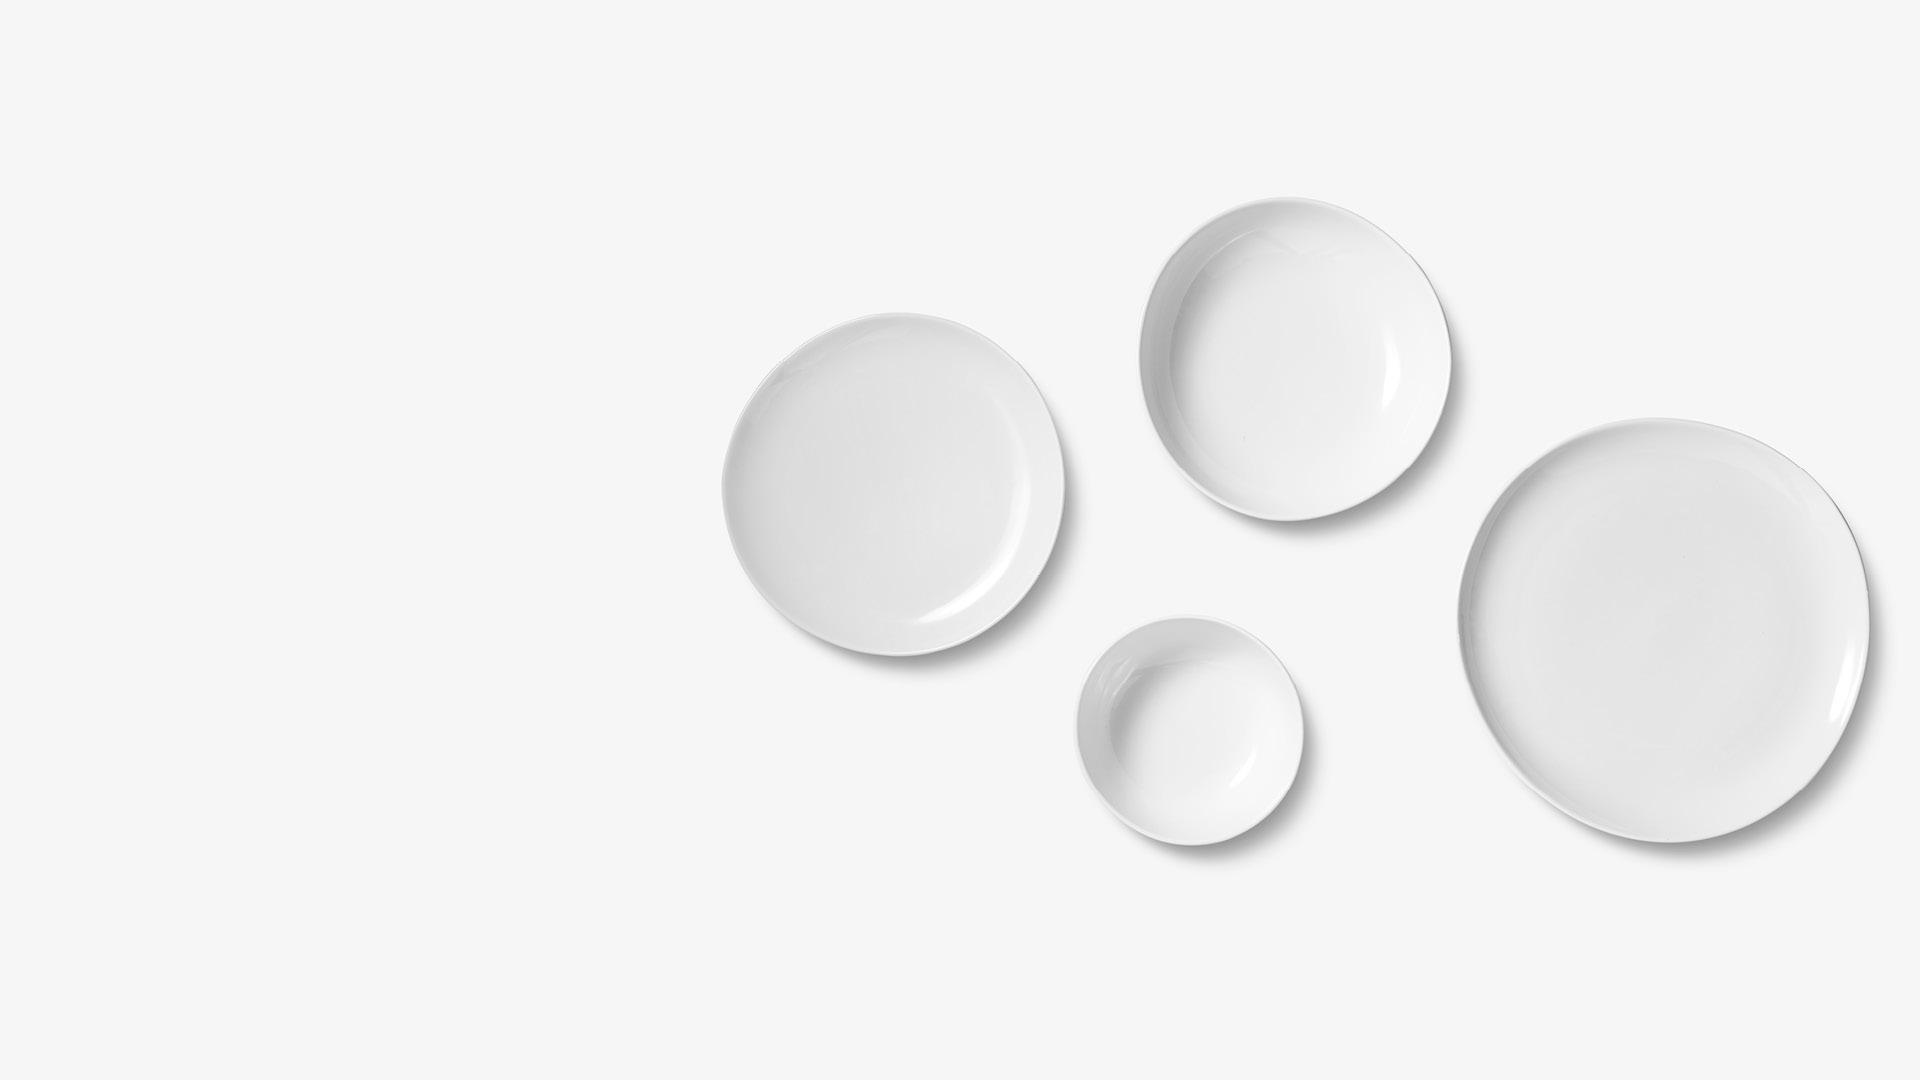 盘碗10件组合<br/>满足中西式日常餐食